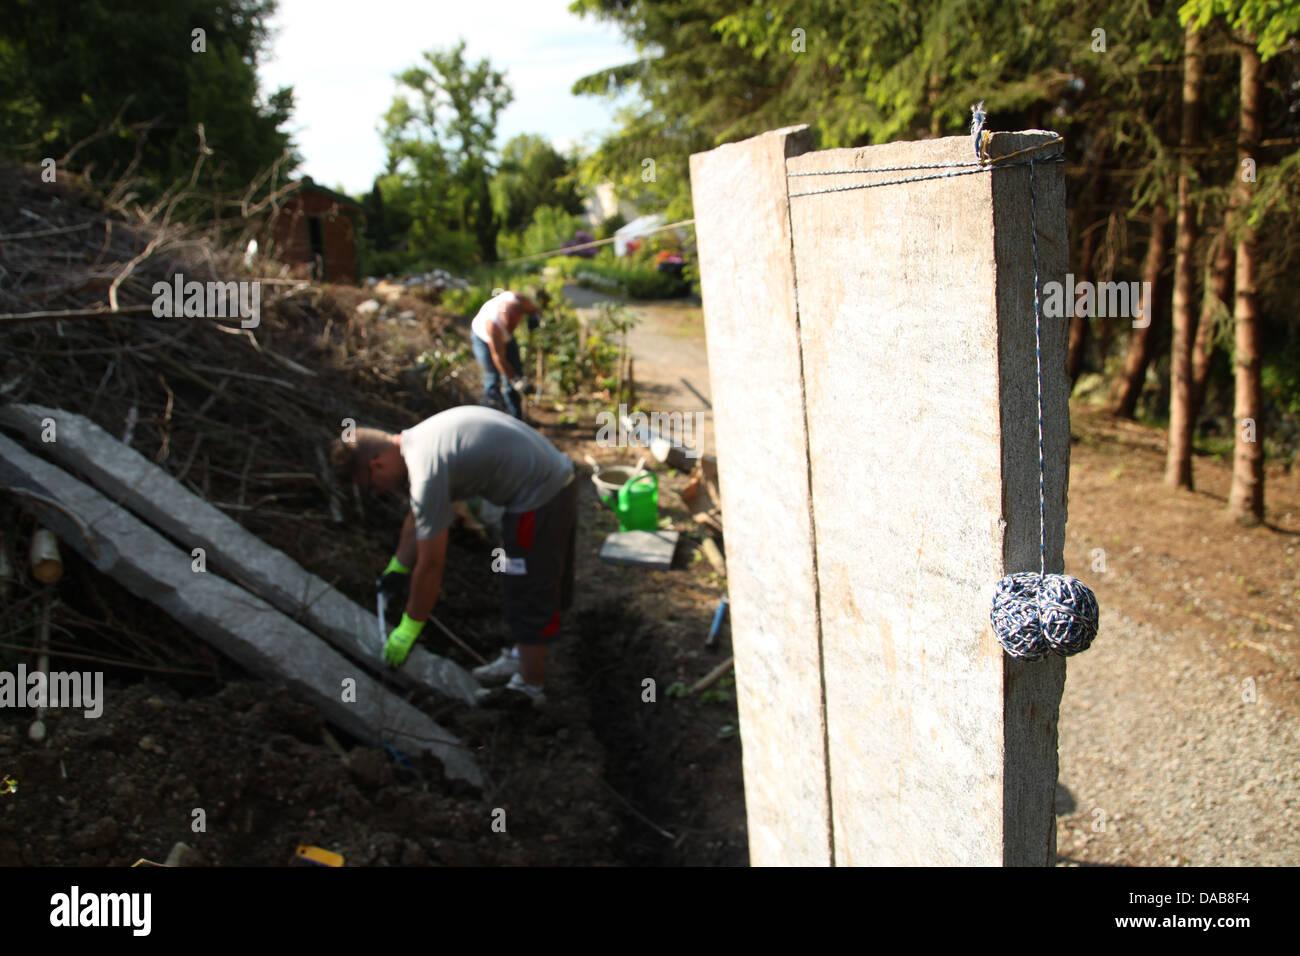 Dekoration Von Garten Und Grenze Zaun Mit Vertikalen Palisade Granit